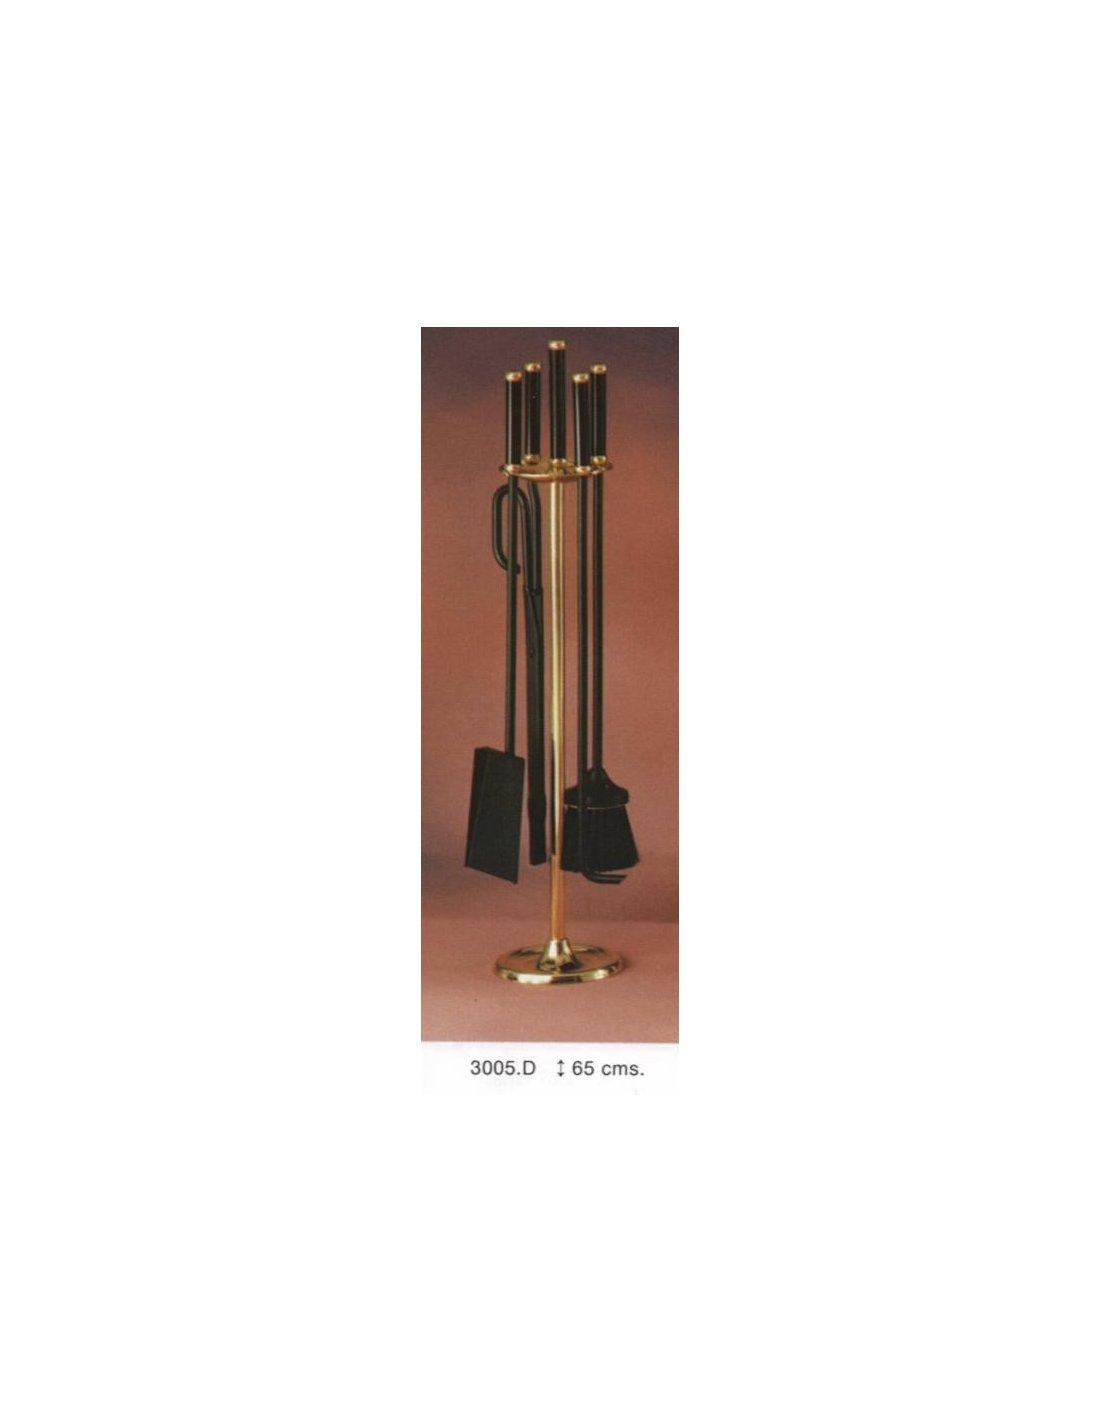 Juego de accesorios de chimenea iberica del fuego - Accesorios para chimeneas de lena ...